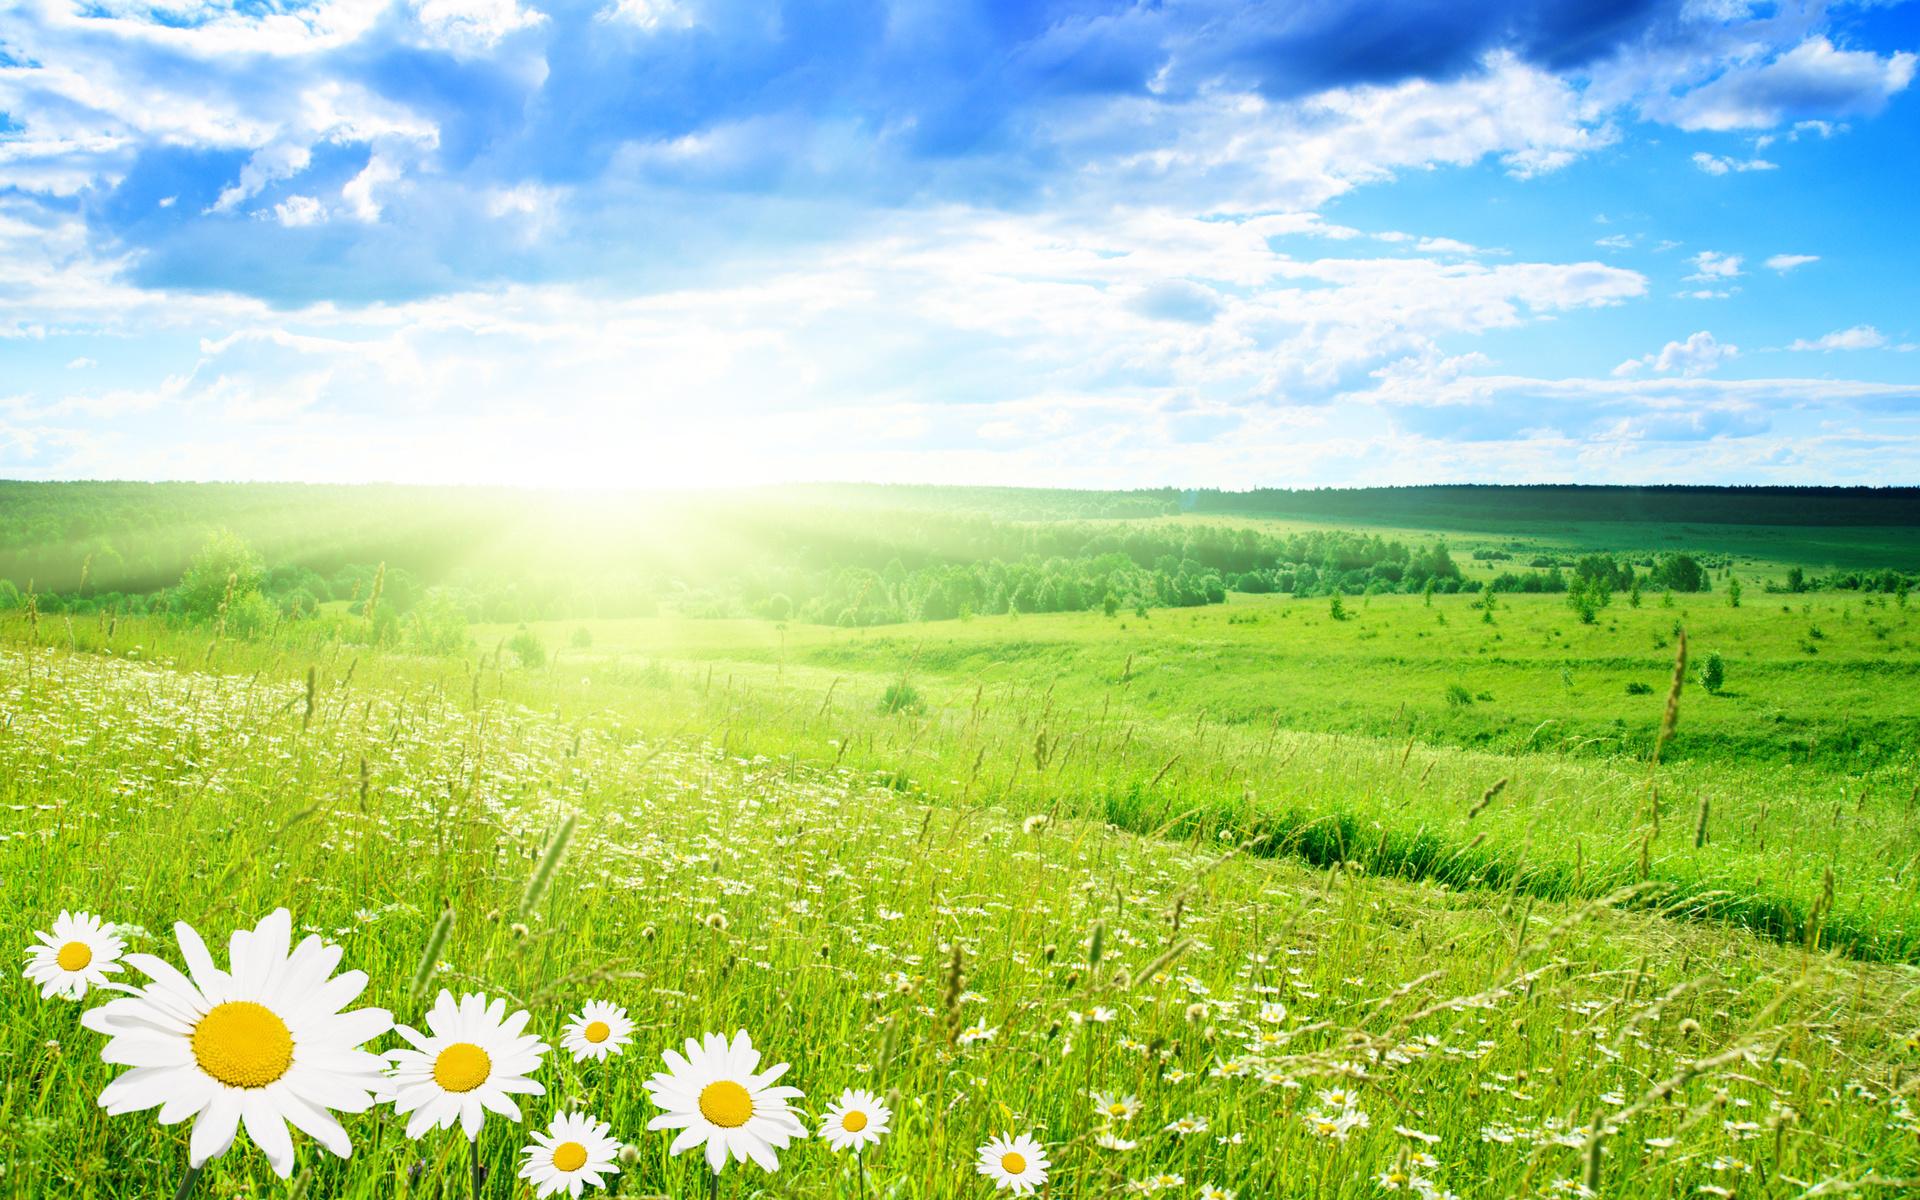 лето, ромашка, небо, поляна, лучи, лучи солнца